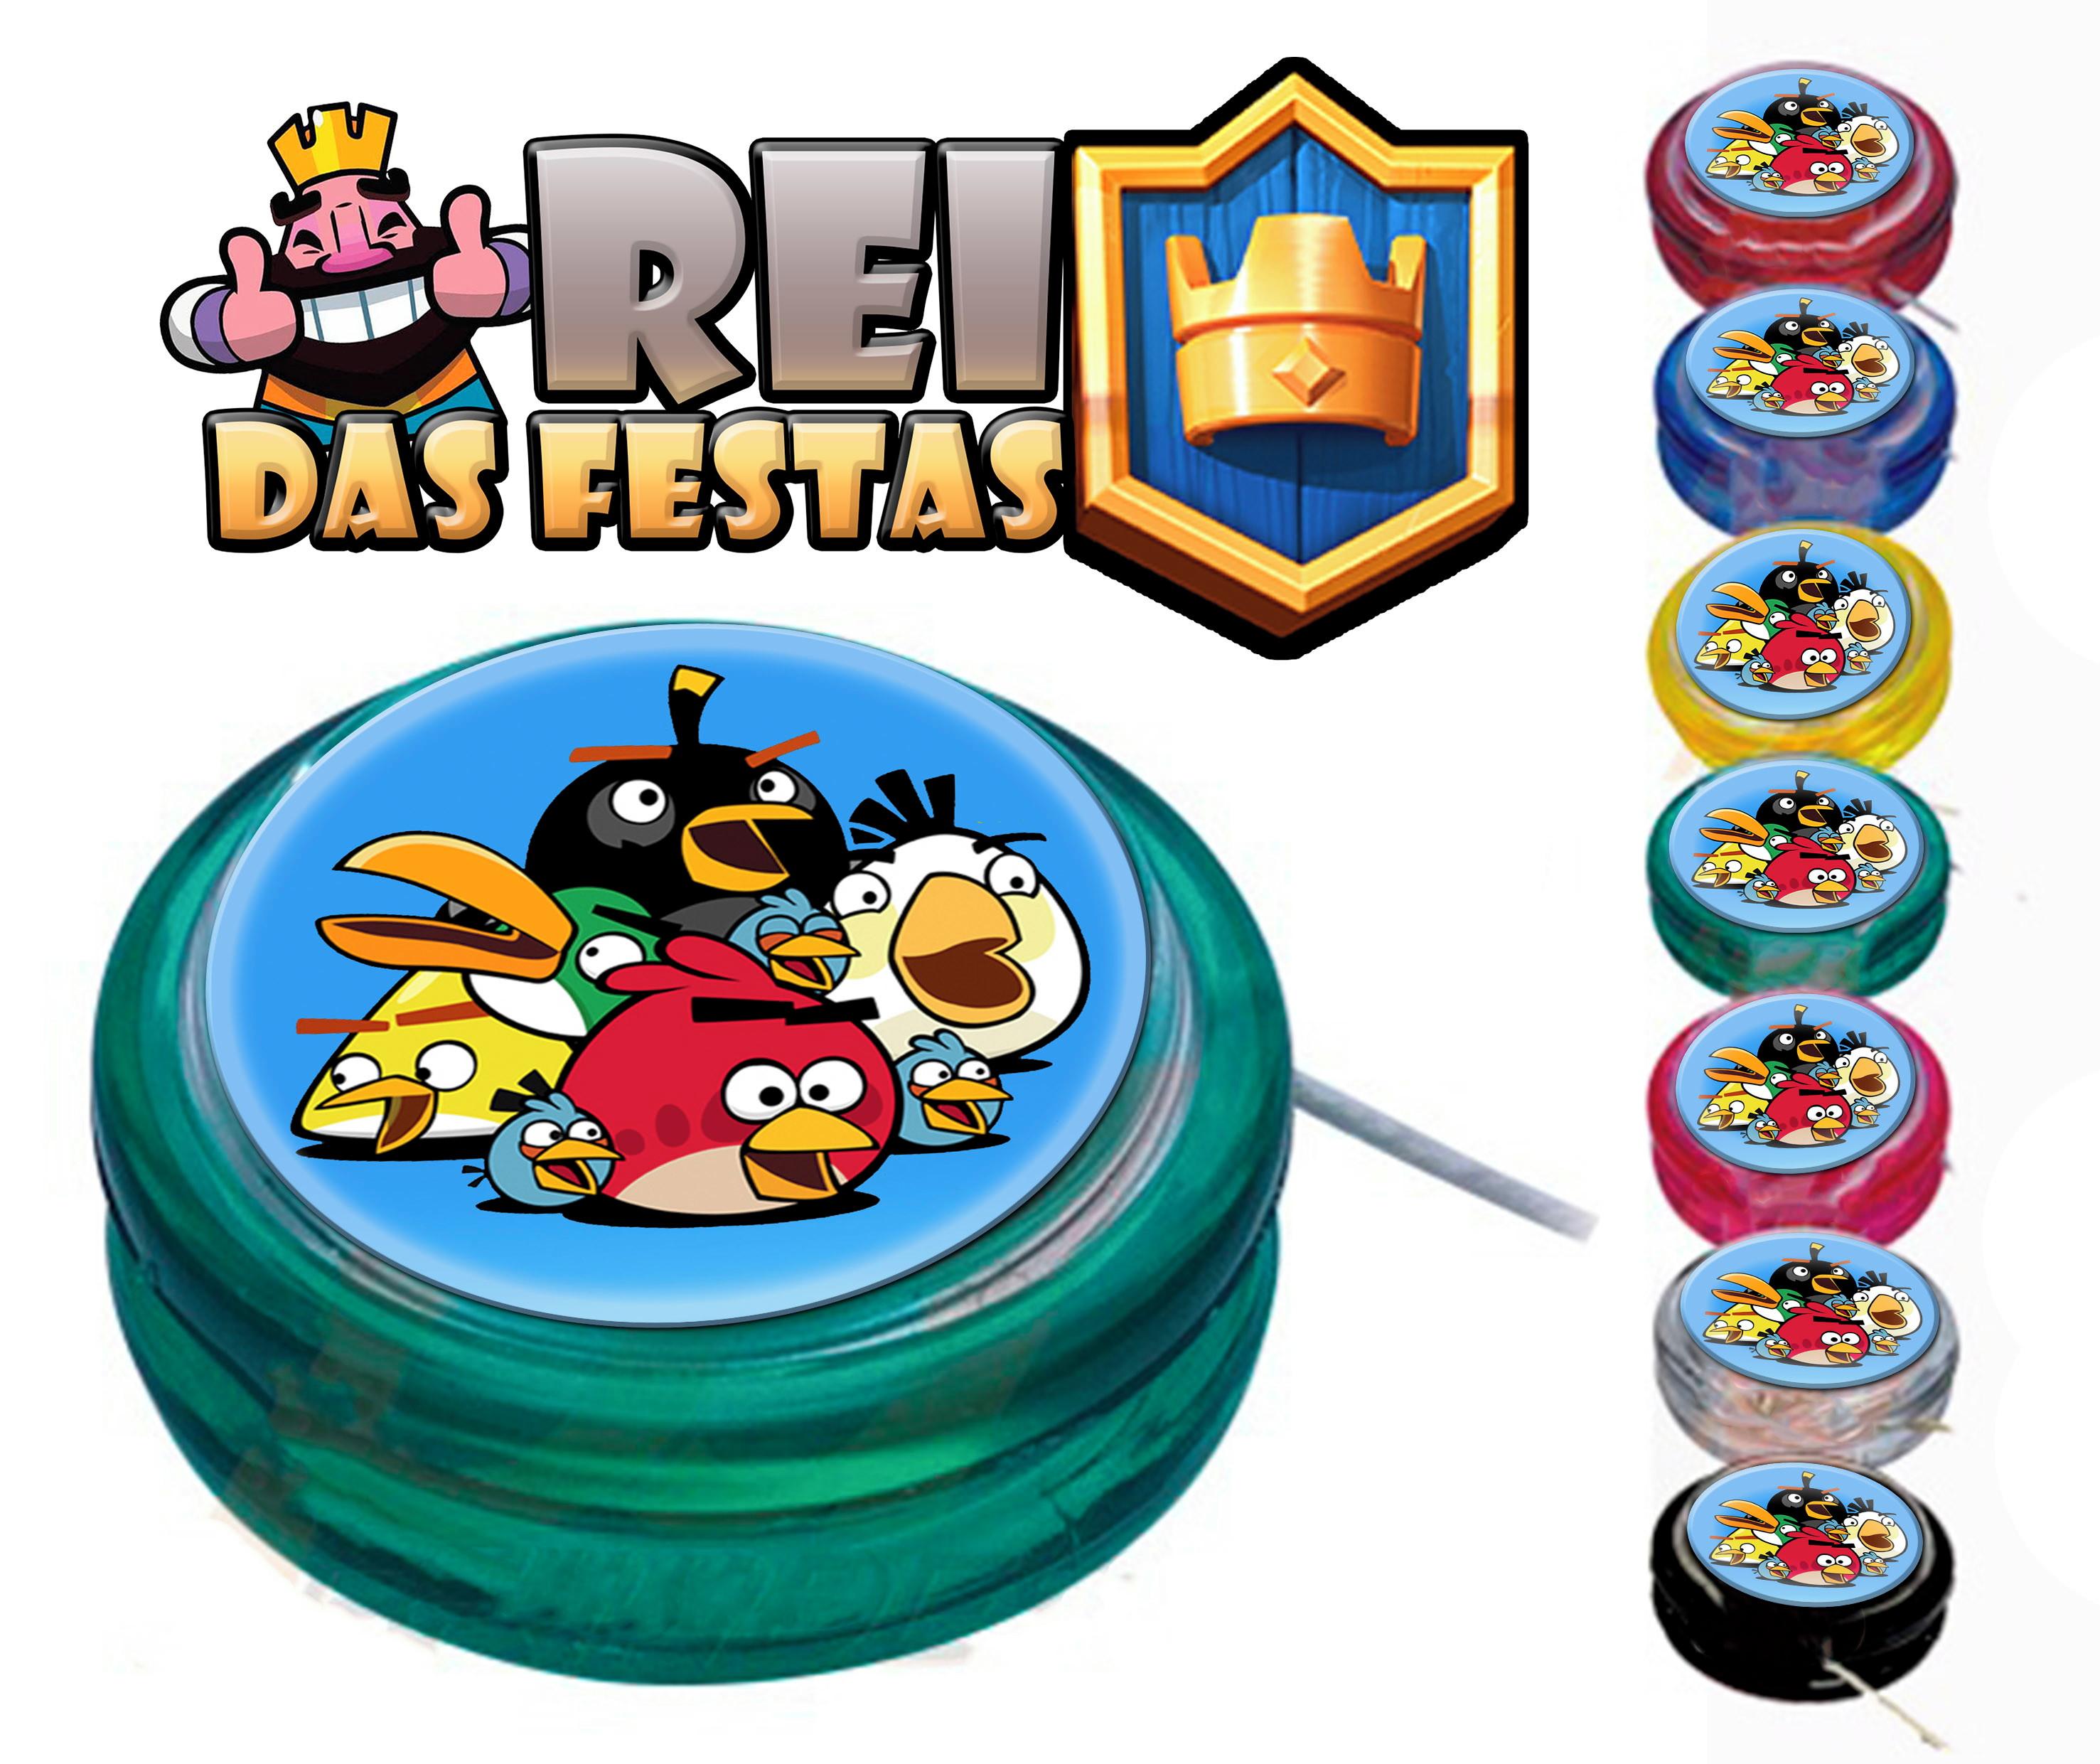 Io Io Personalizado Angry Birds No Elo7 Rei Das Festas C6fa08